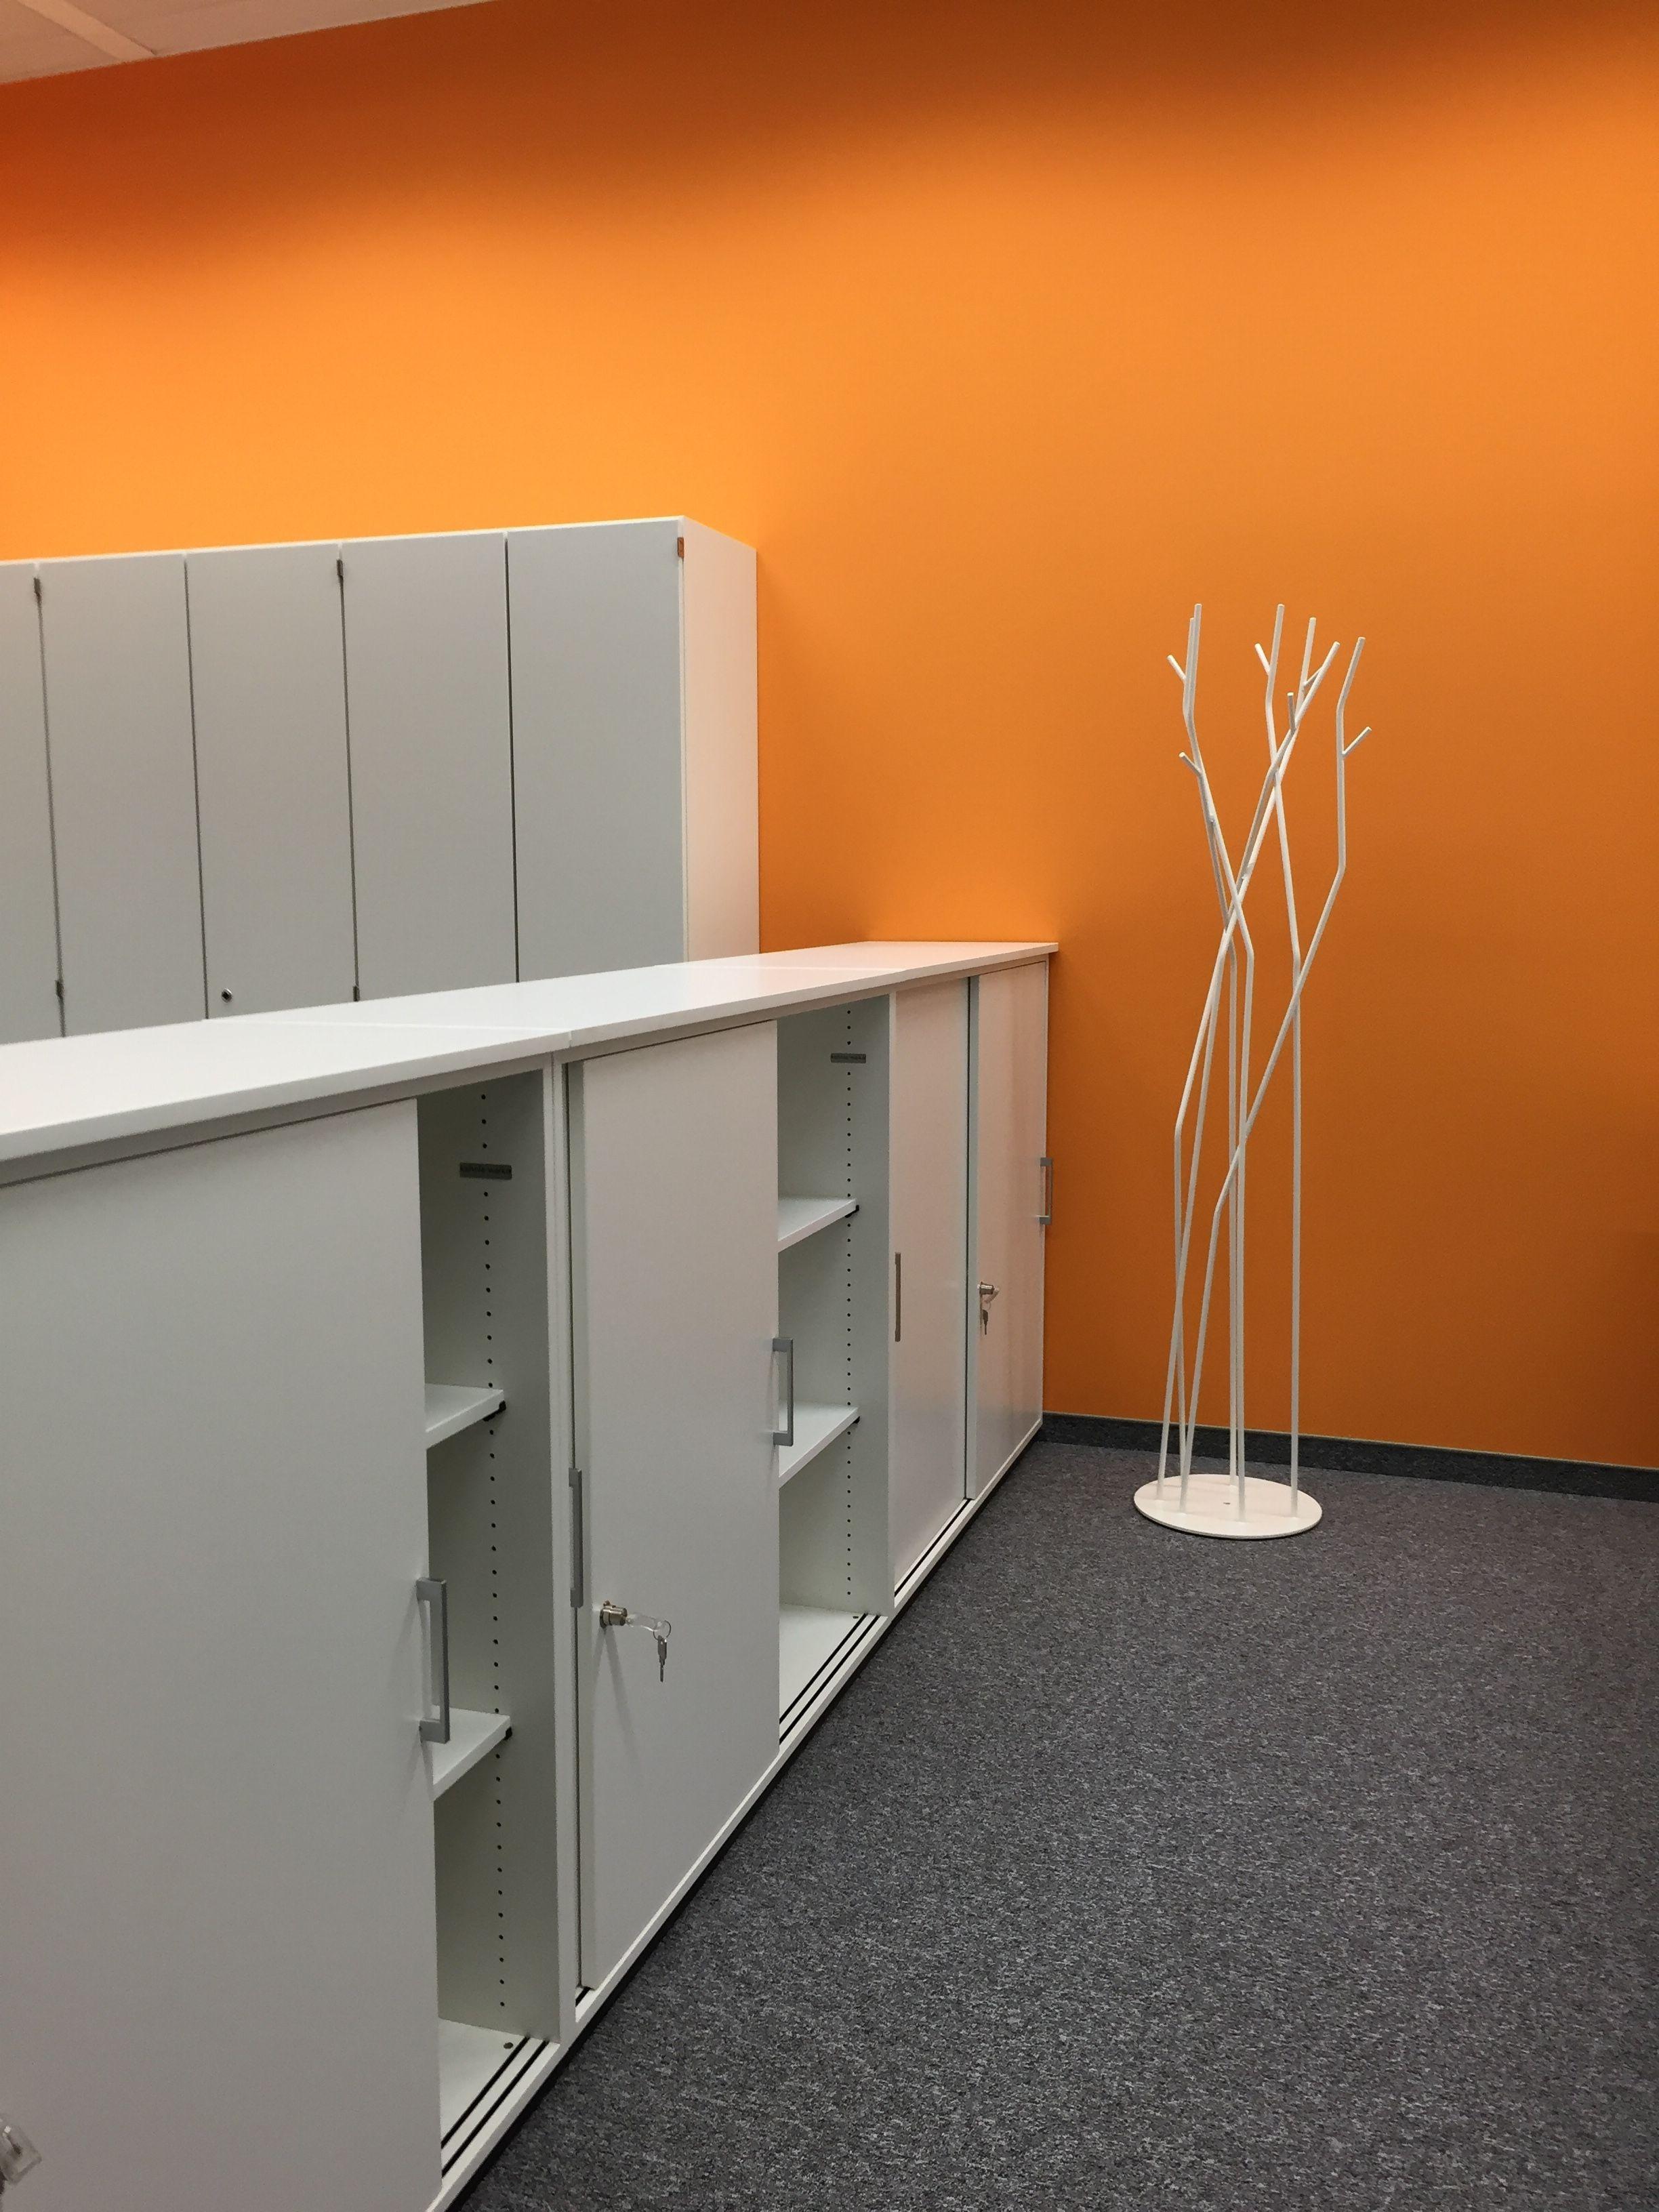 Genugend Stauraum Im Buro Schrank Und Sidboardelemente By Kuhnle Waiko Office Furniture Workspace Interior Design Schranksystem Lebensraume Design